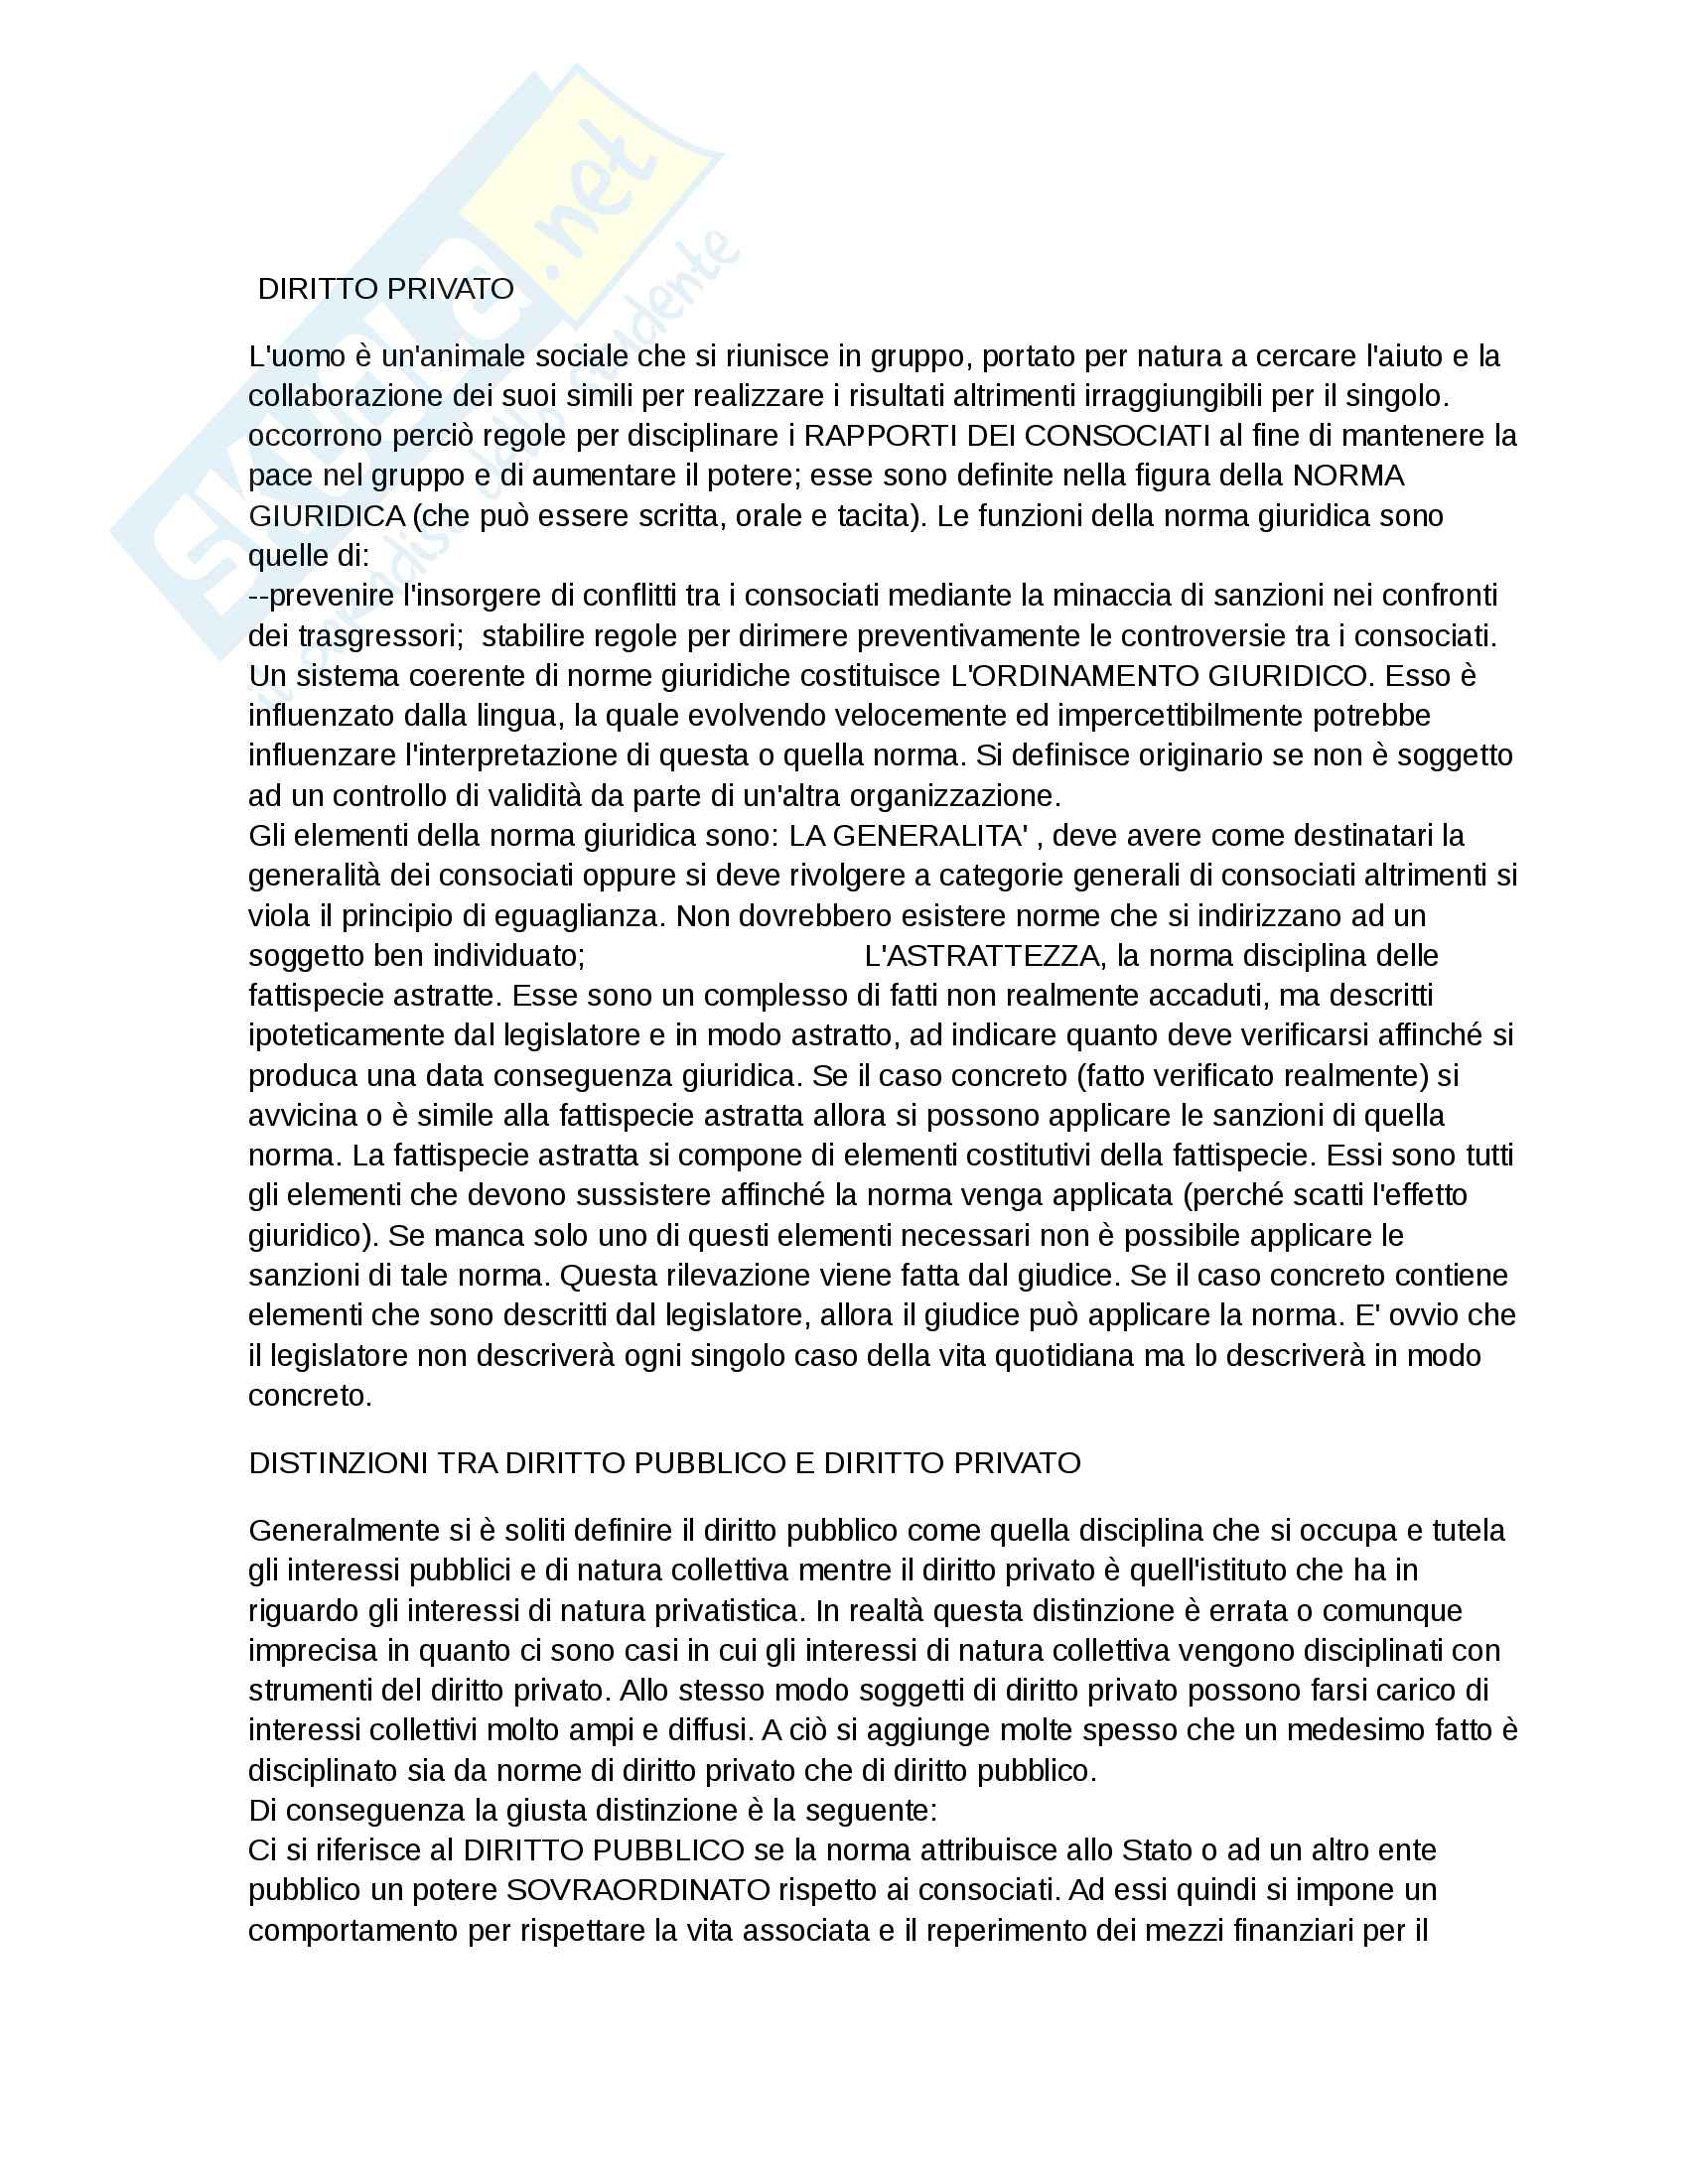 Diritto privato completo professor Rossi